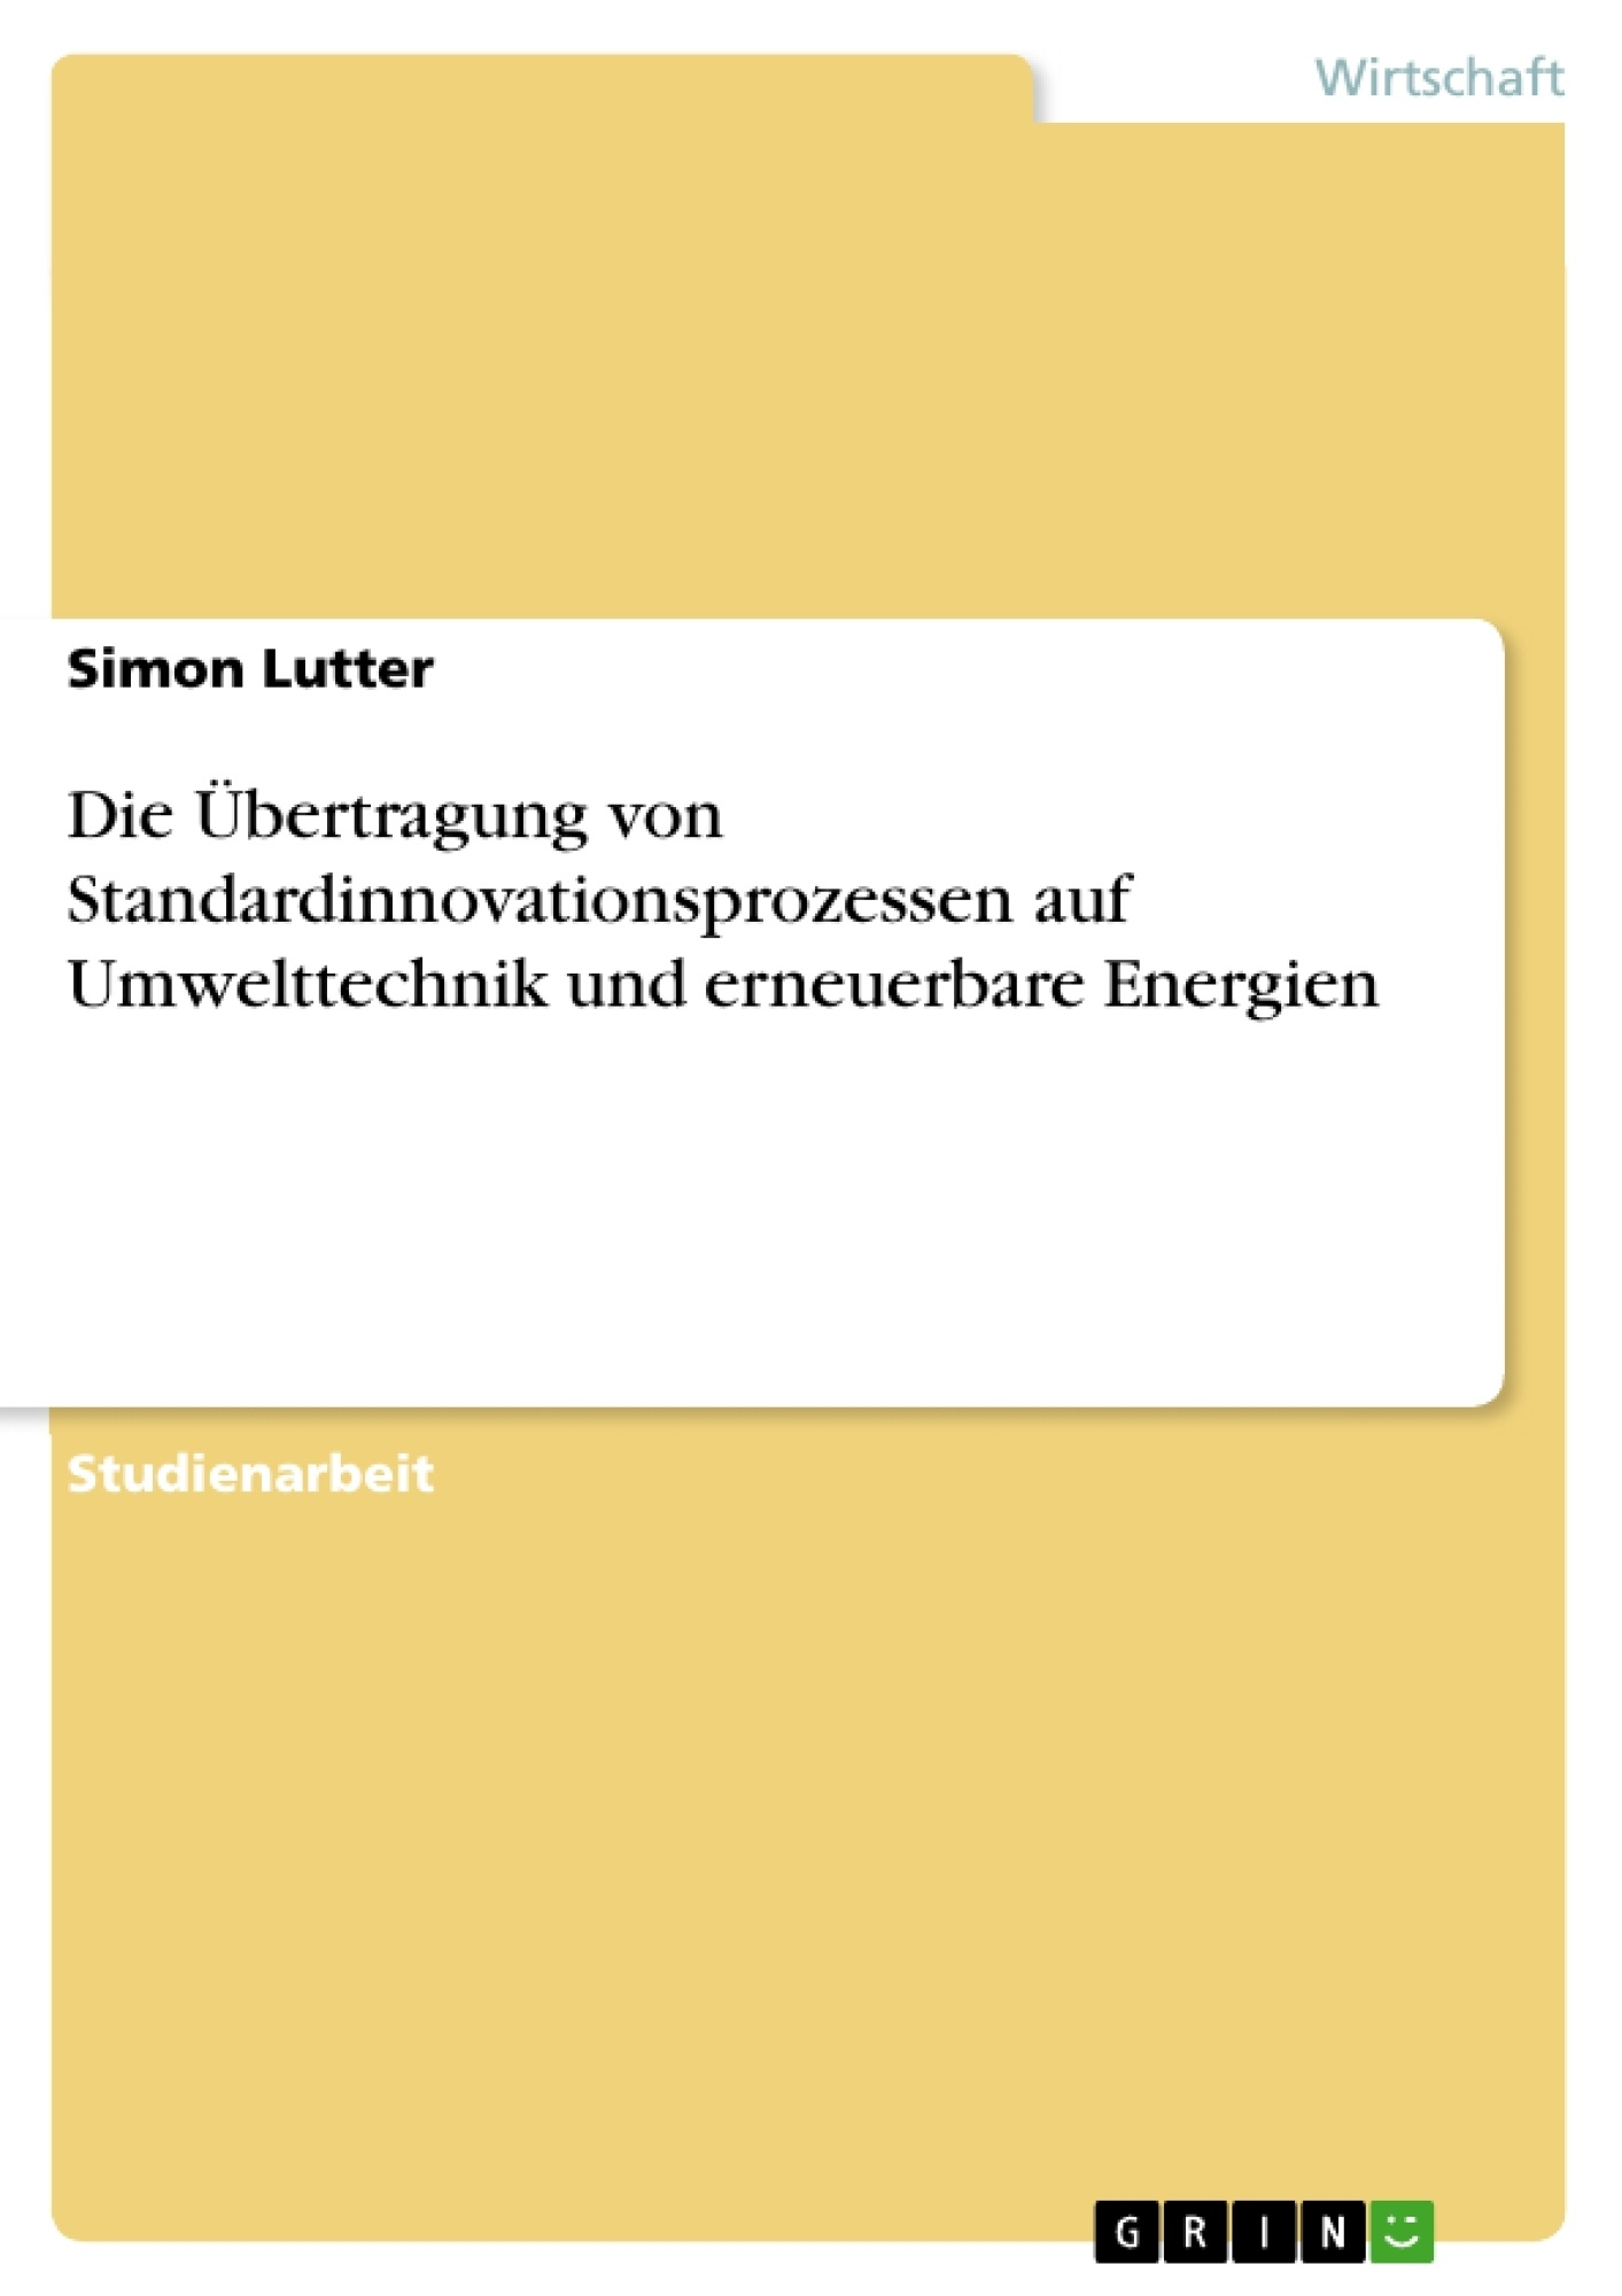 Titel: Die Übertragung von Standardinnovationsprozessen auf Umwelttechnik und erneuerbare Energien